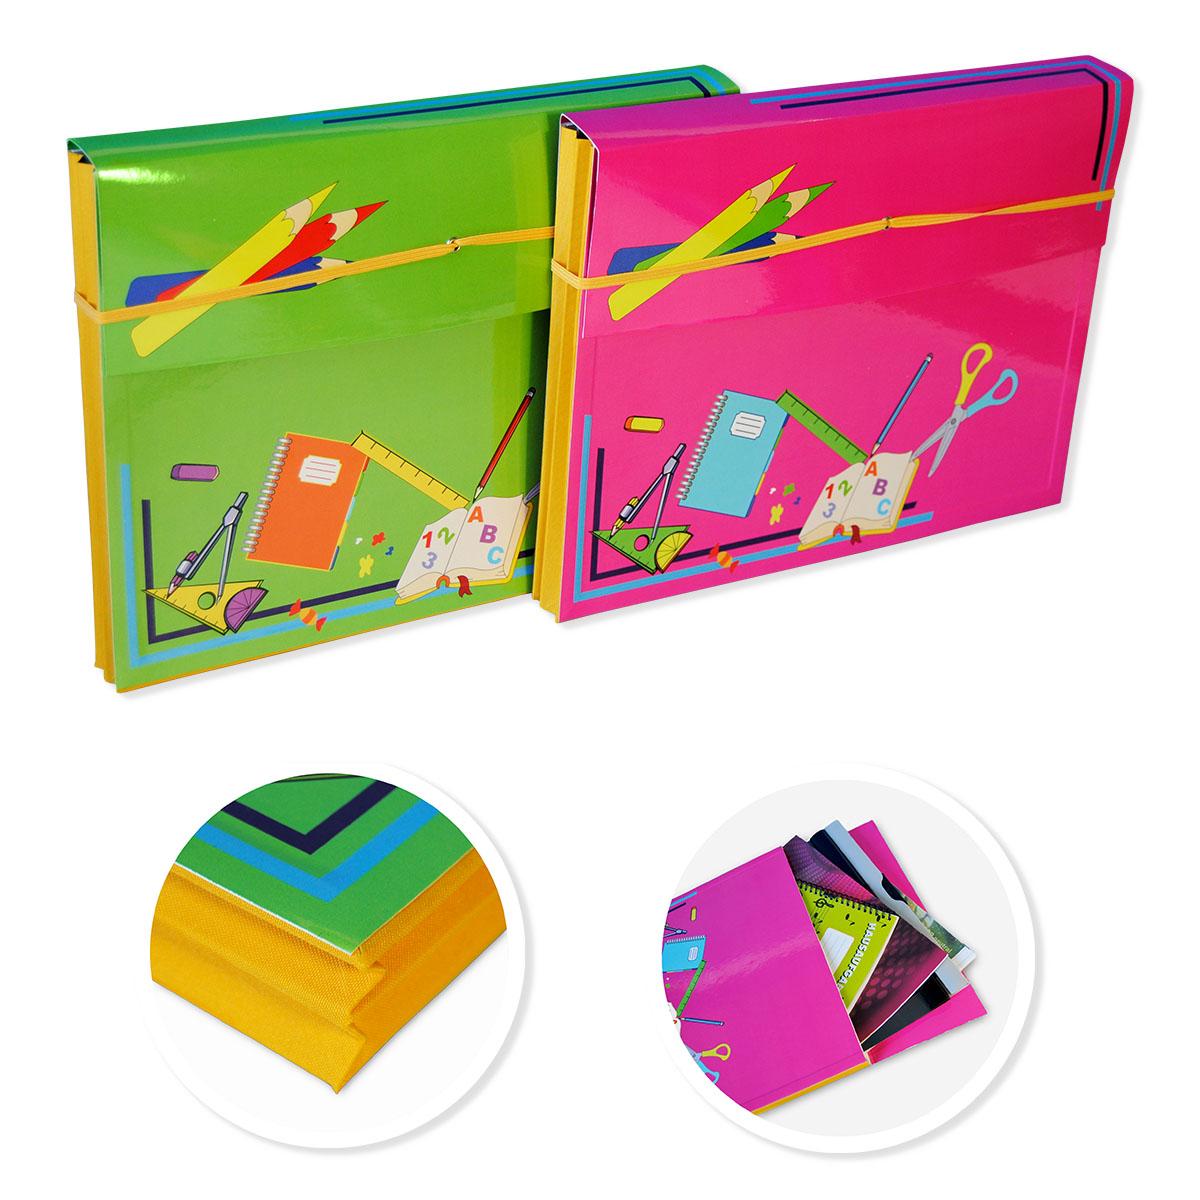 Heftbox mit Harmonikafunktion Image